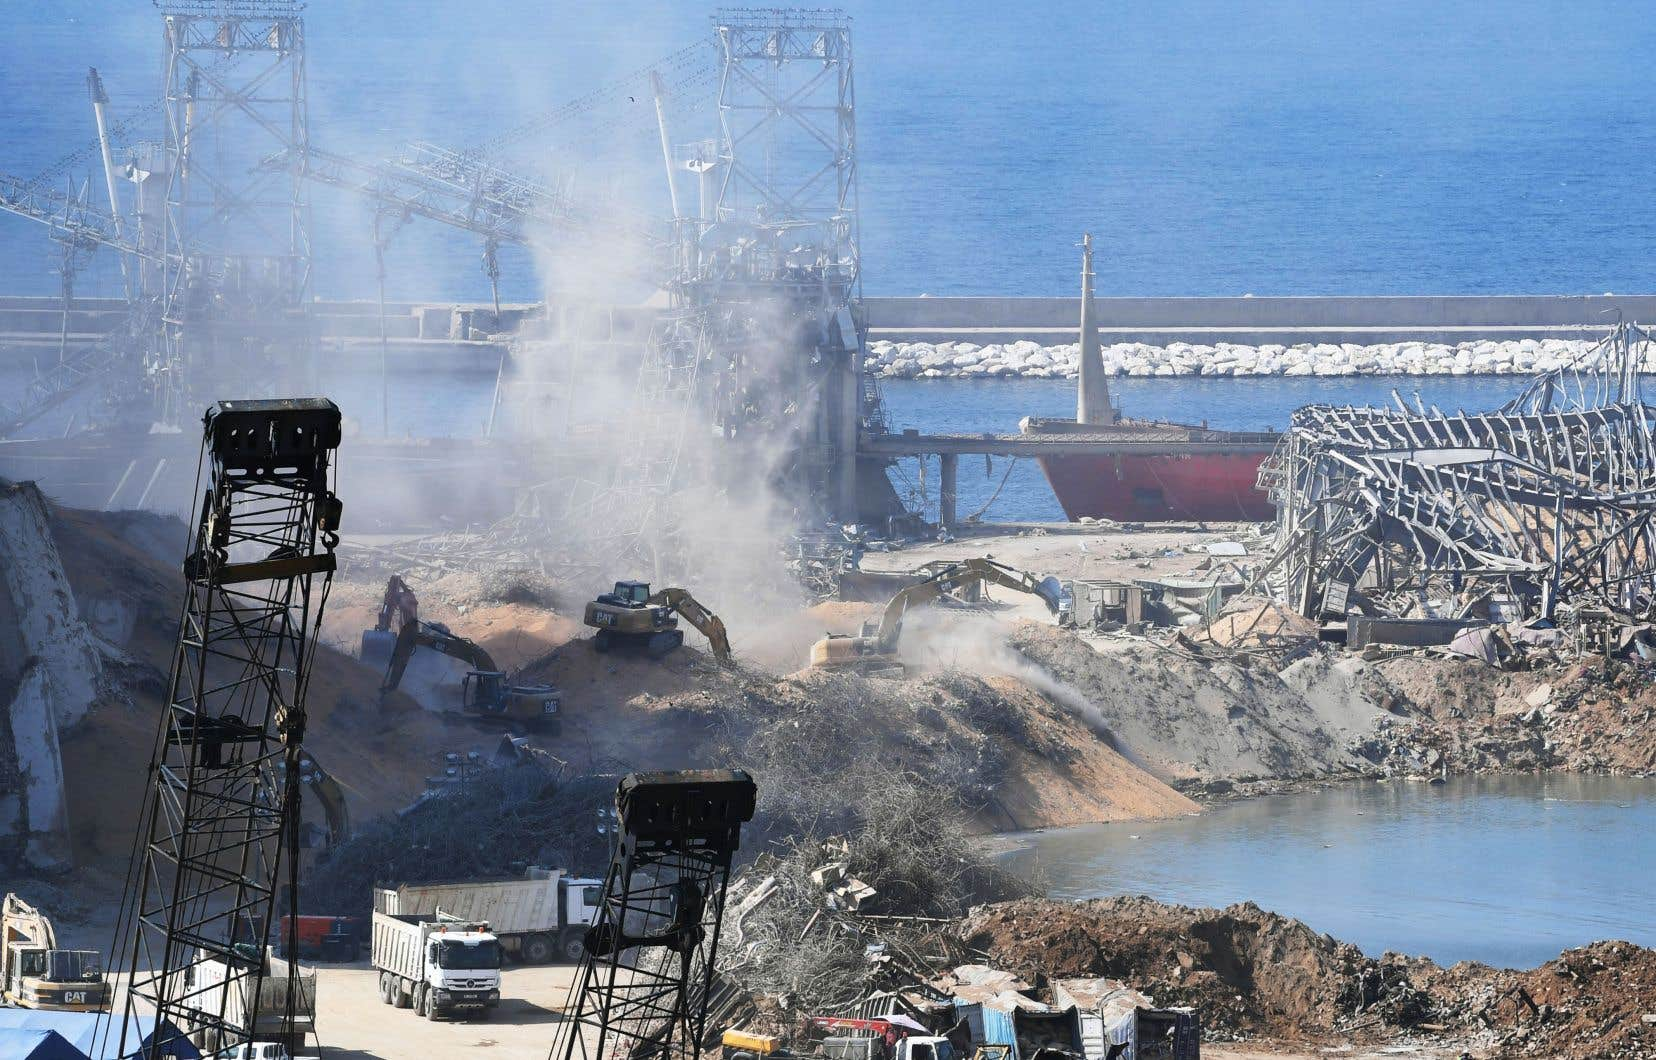 La double explosion qui a ravagé la capitale libanaise Beyrouth le 4août a fait plus de 171 morts.